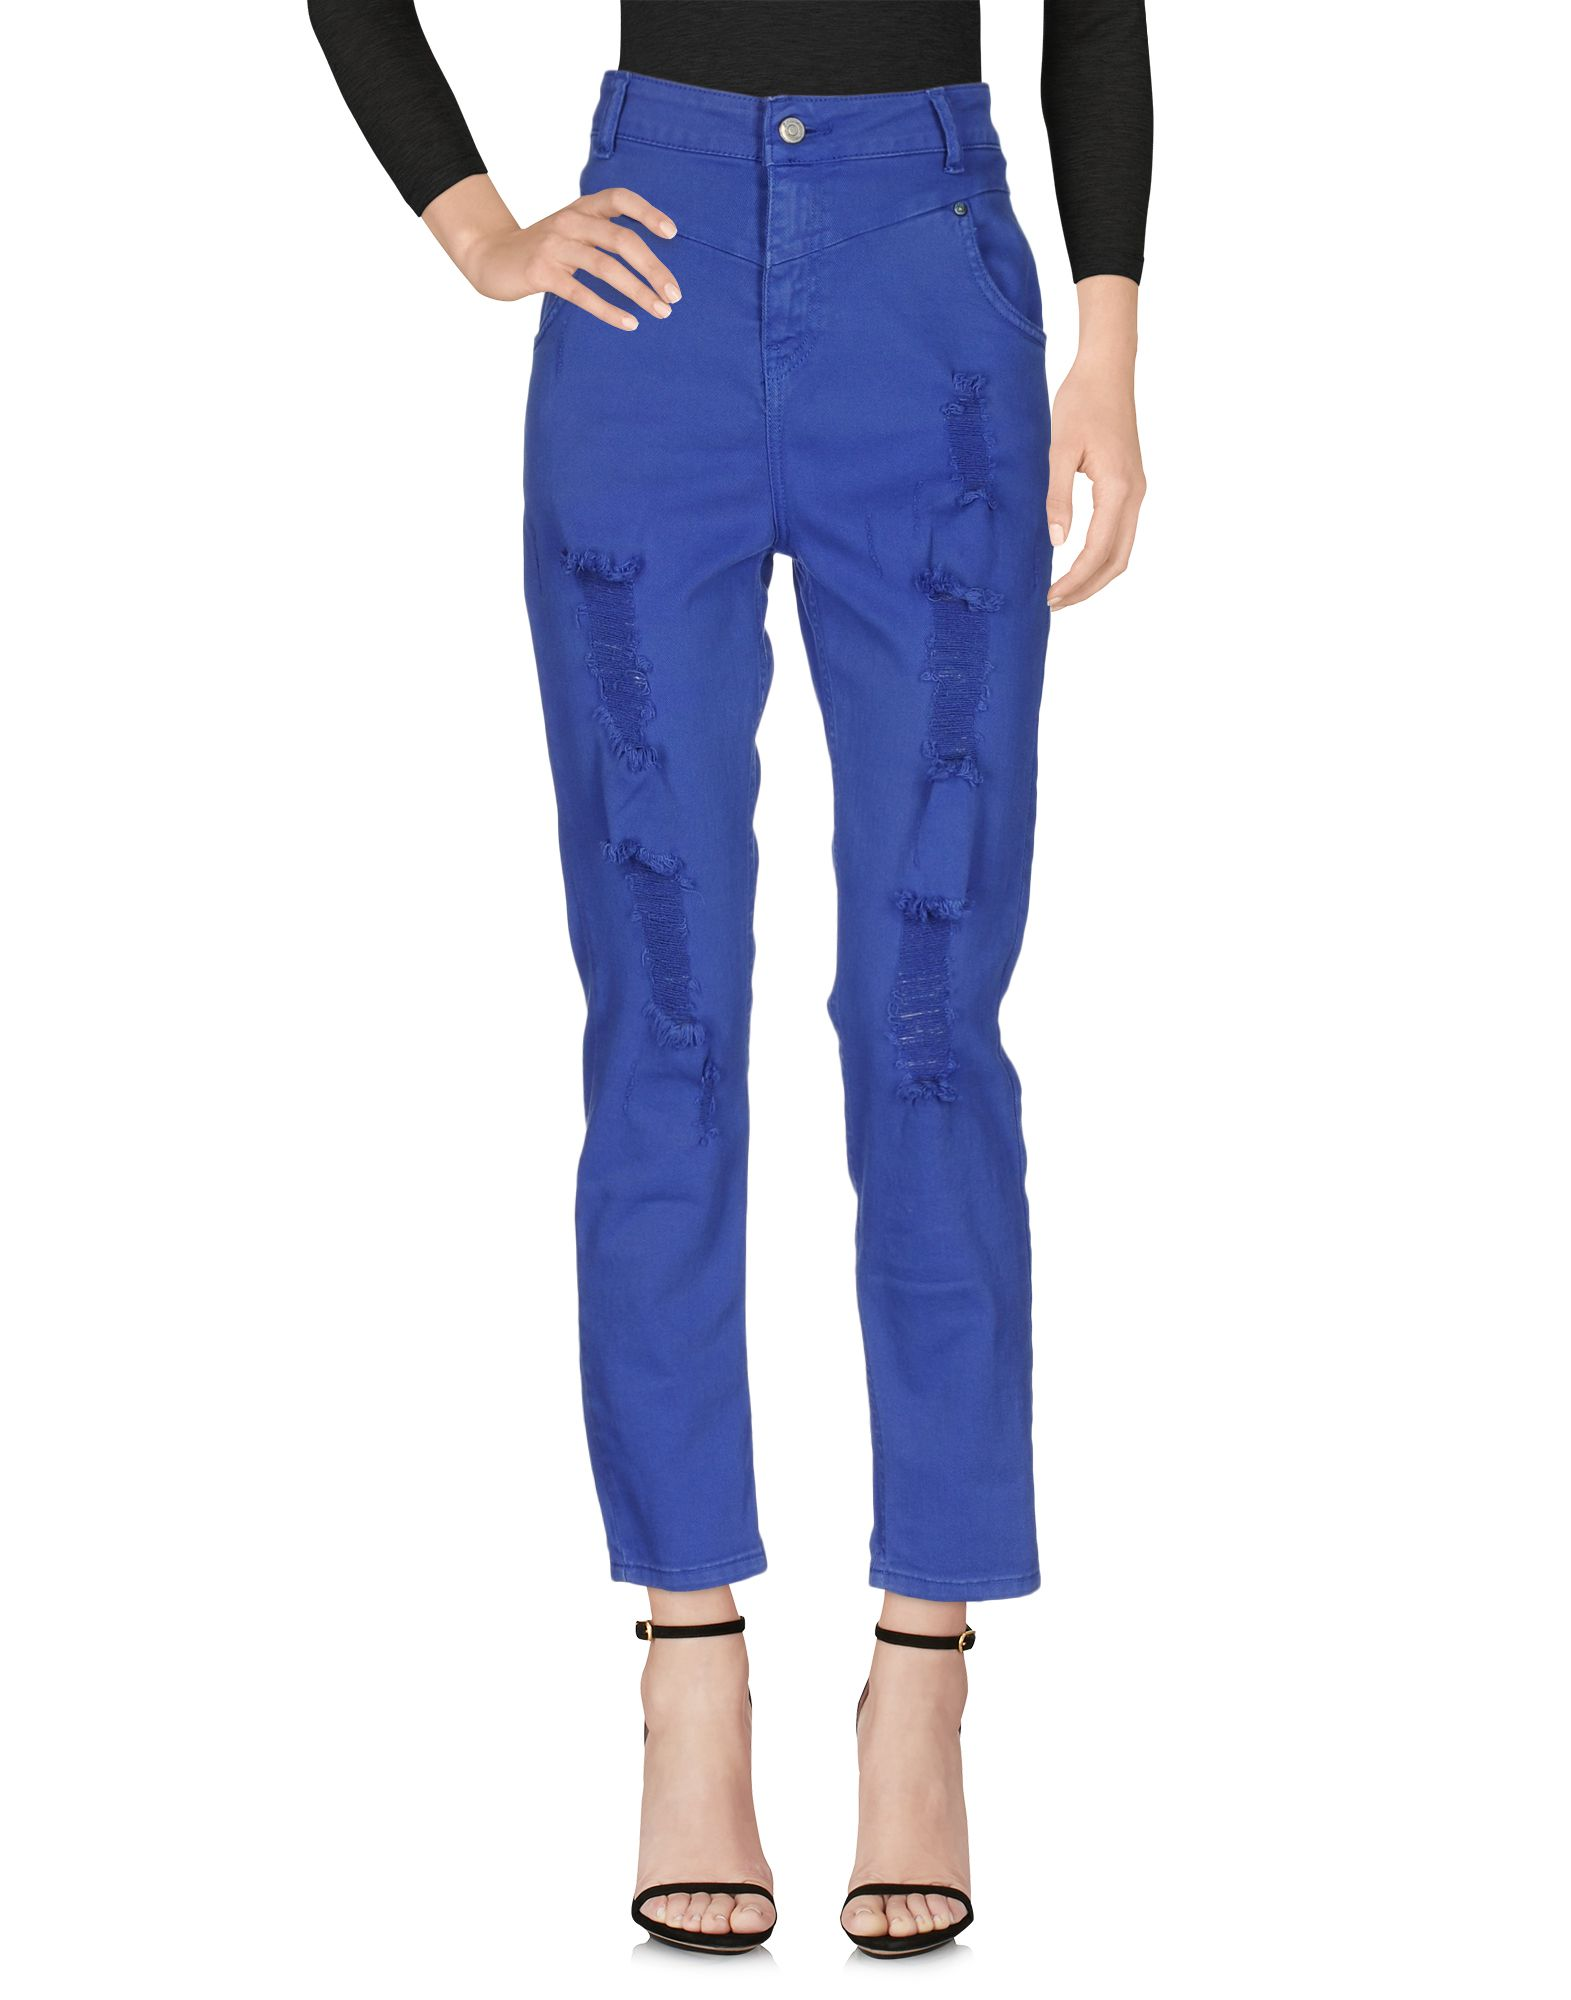 цены на SOUVENIR Джинсовые брюки в интернет-магазинах